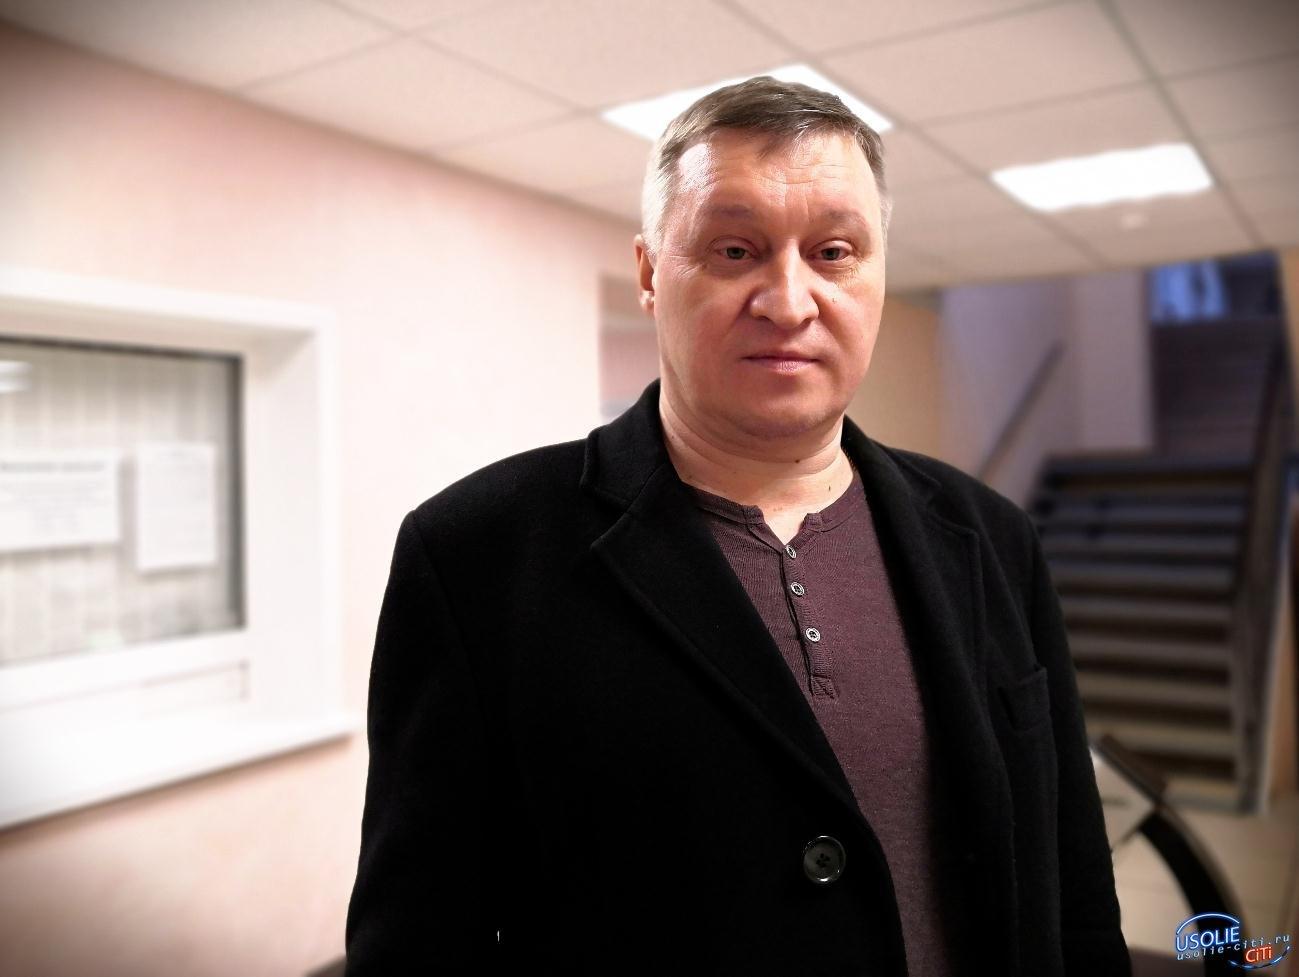 Будут ли в Усолье лечить коронавирус и кому делают тесты